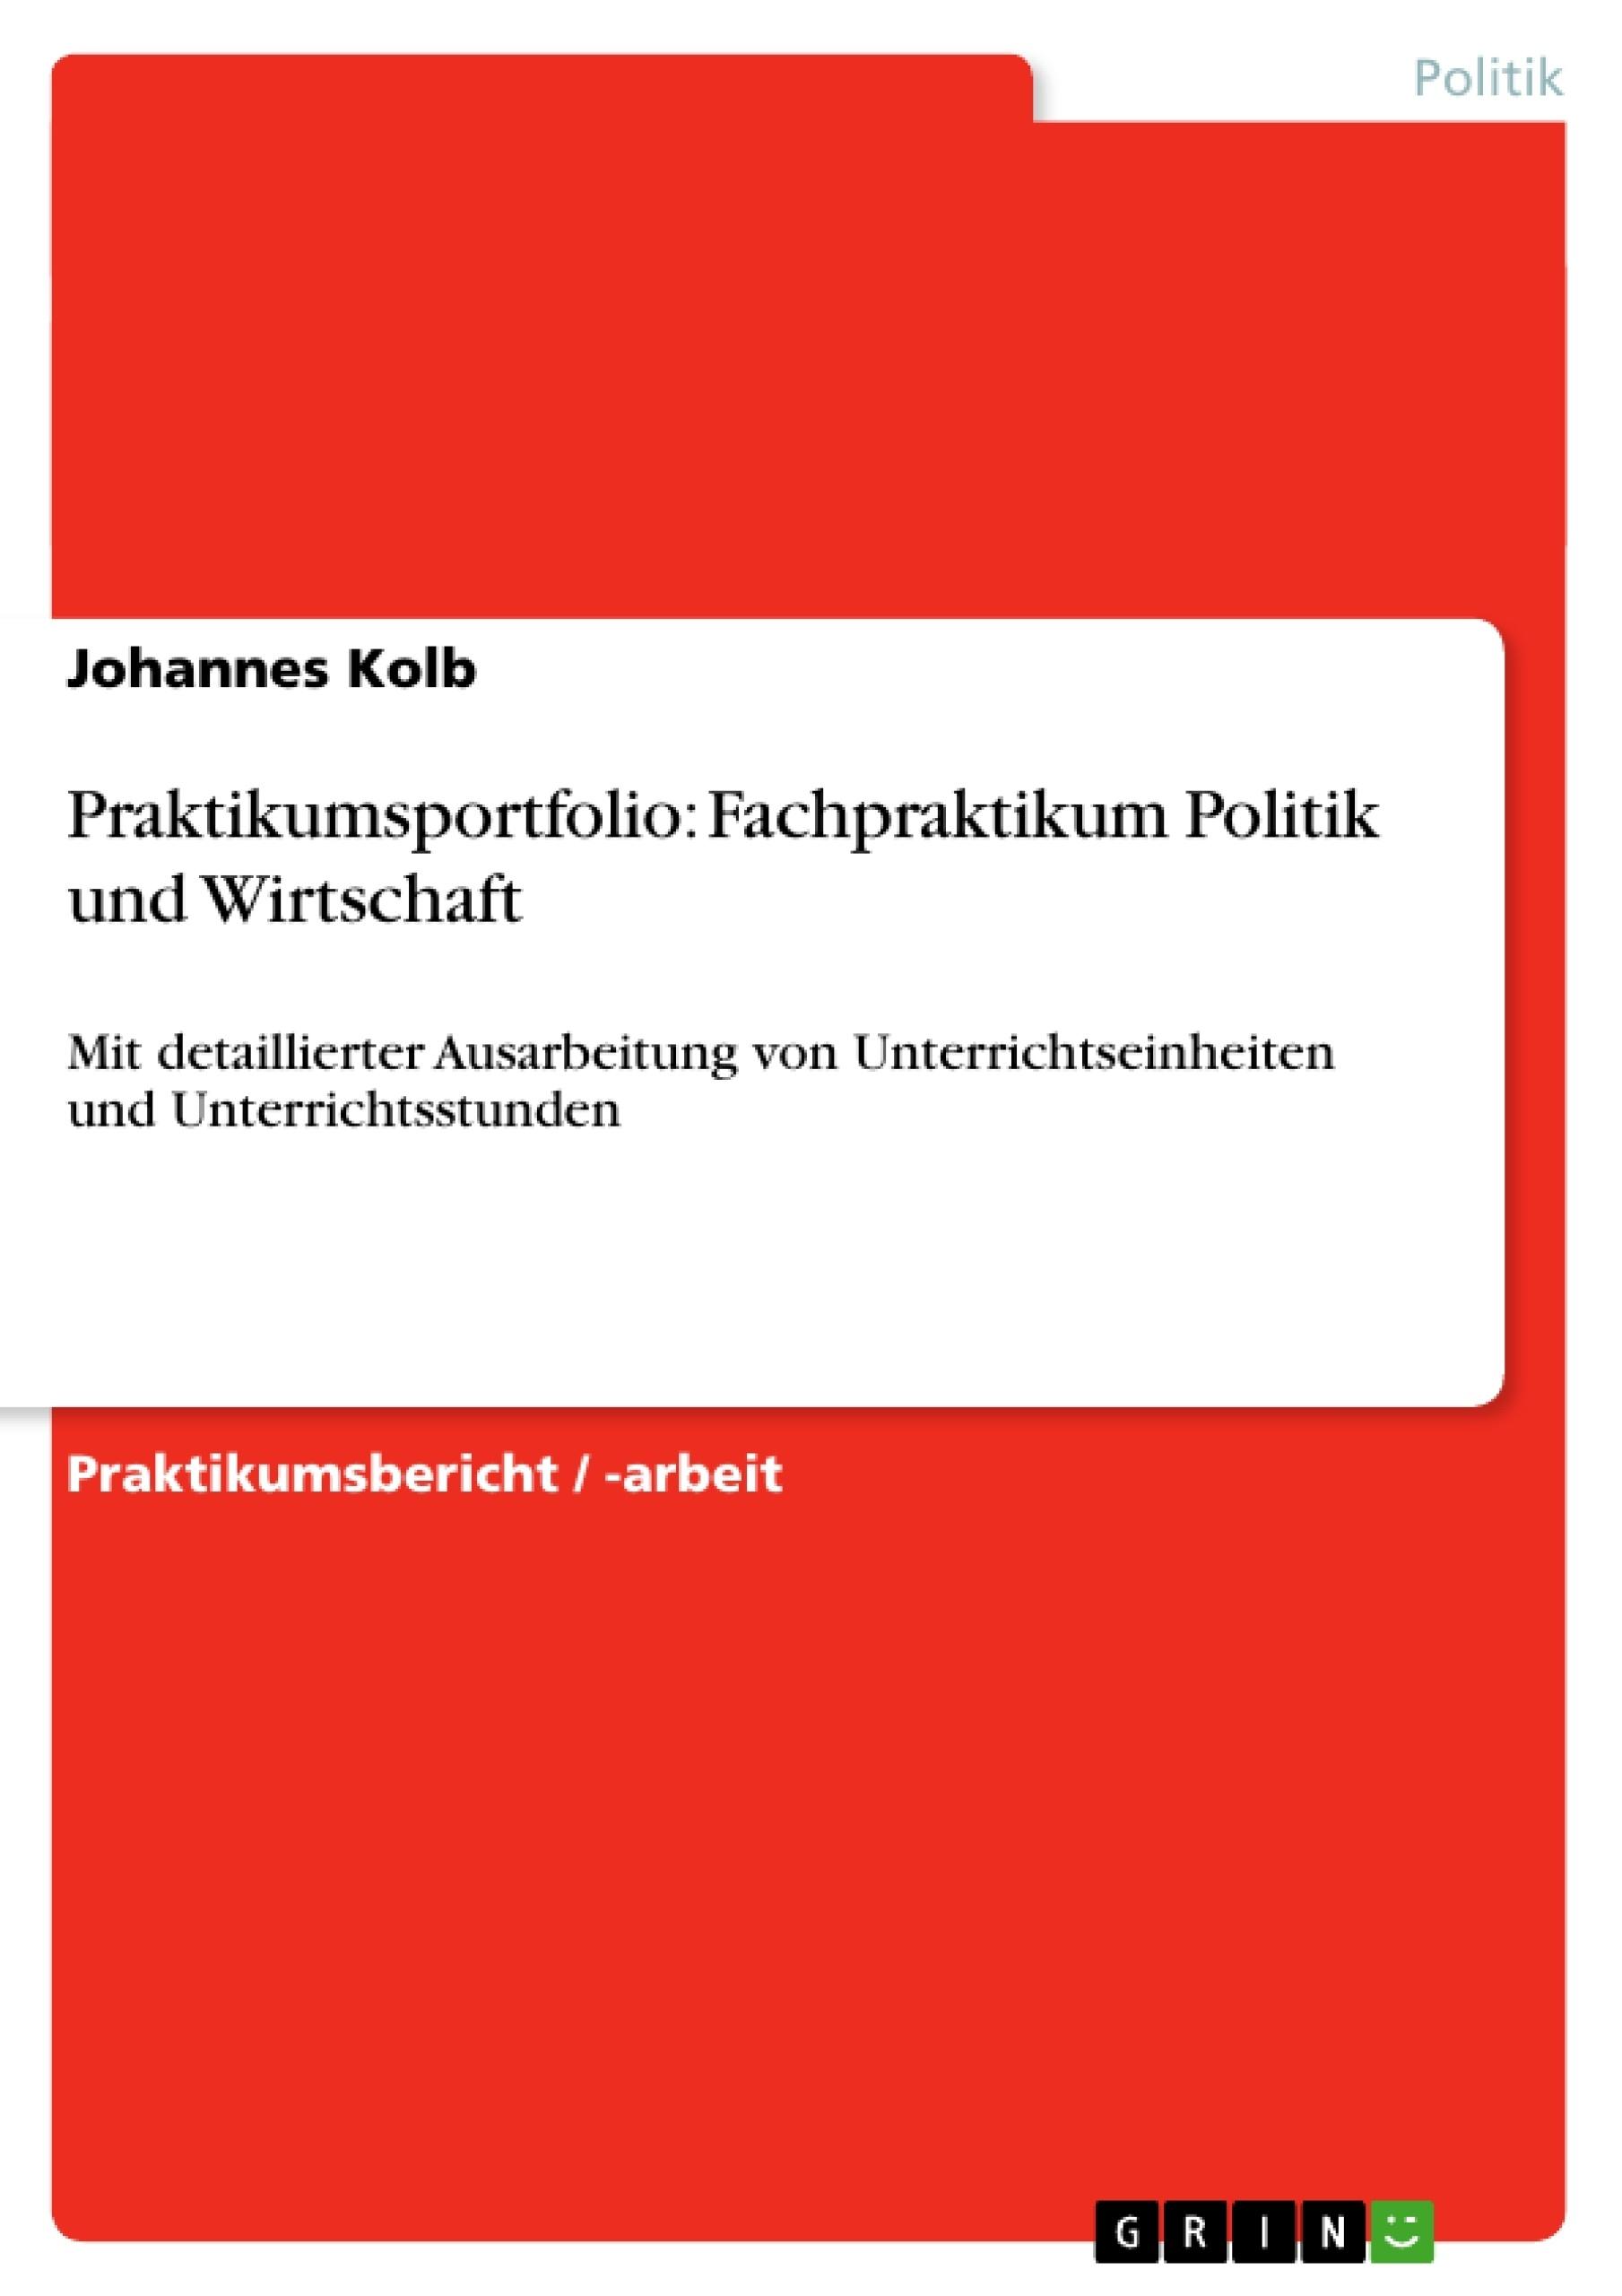 Praktikumsportfolio: Fachpraktikum Politik und Wirtschaft ...